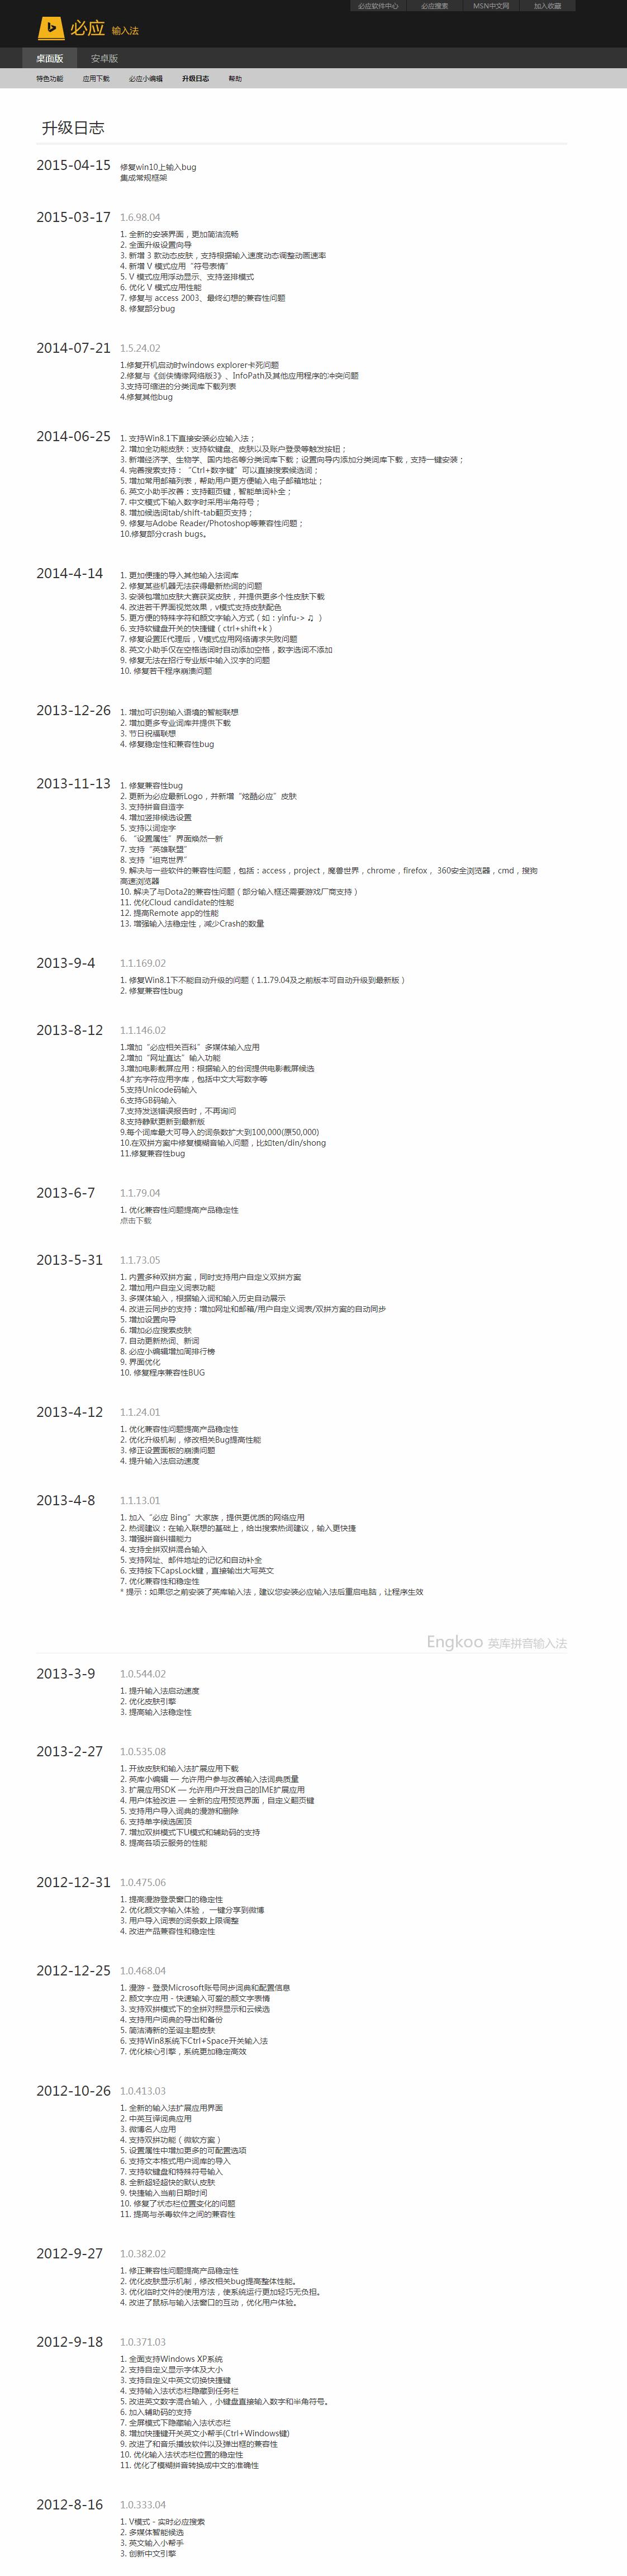 必应(英库)输入法存档-垃圾站